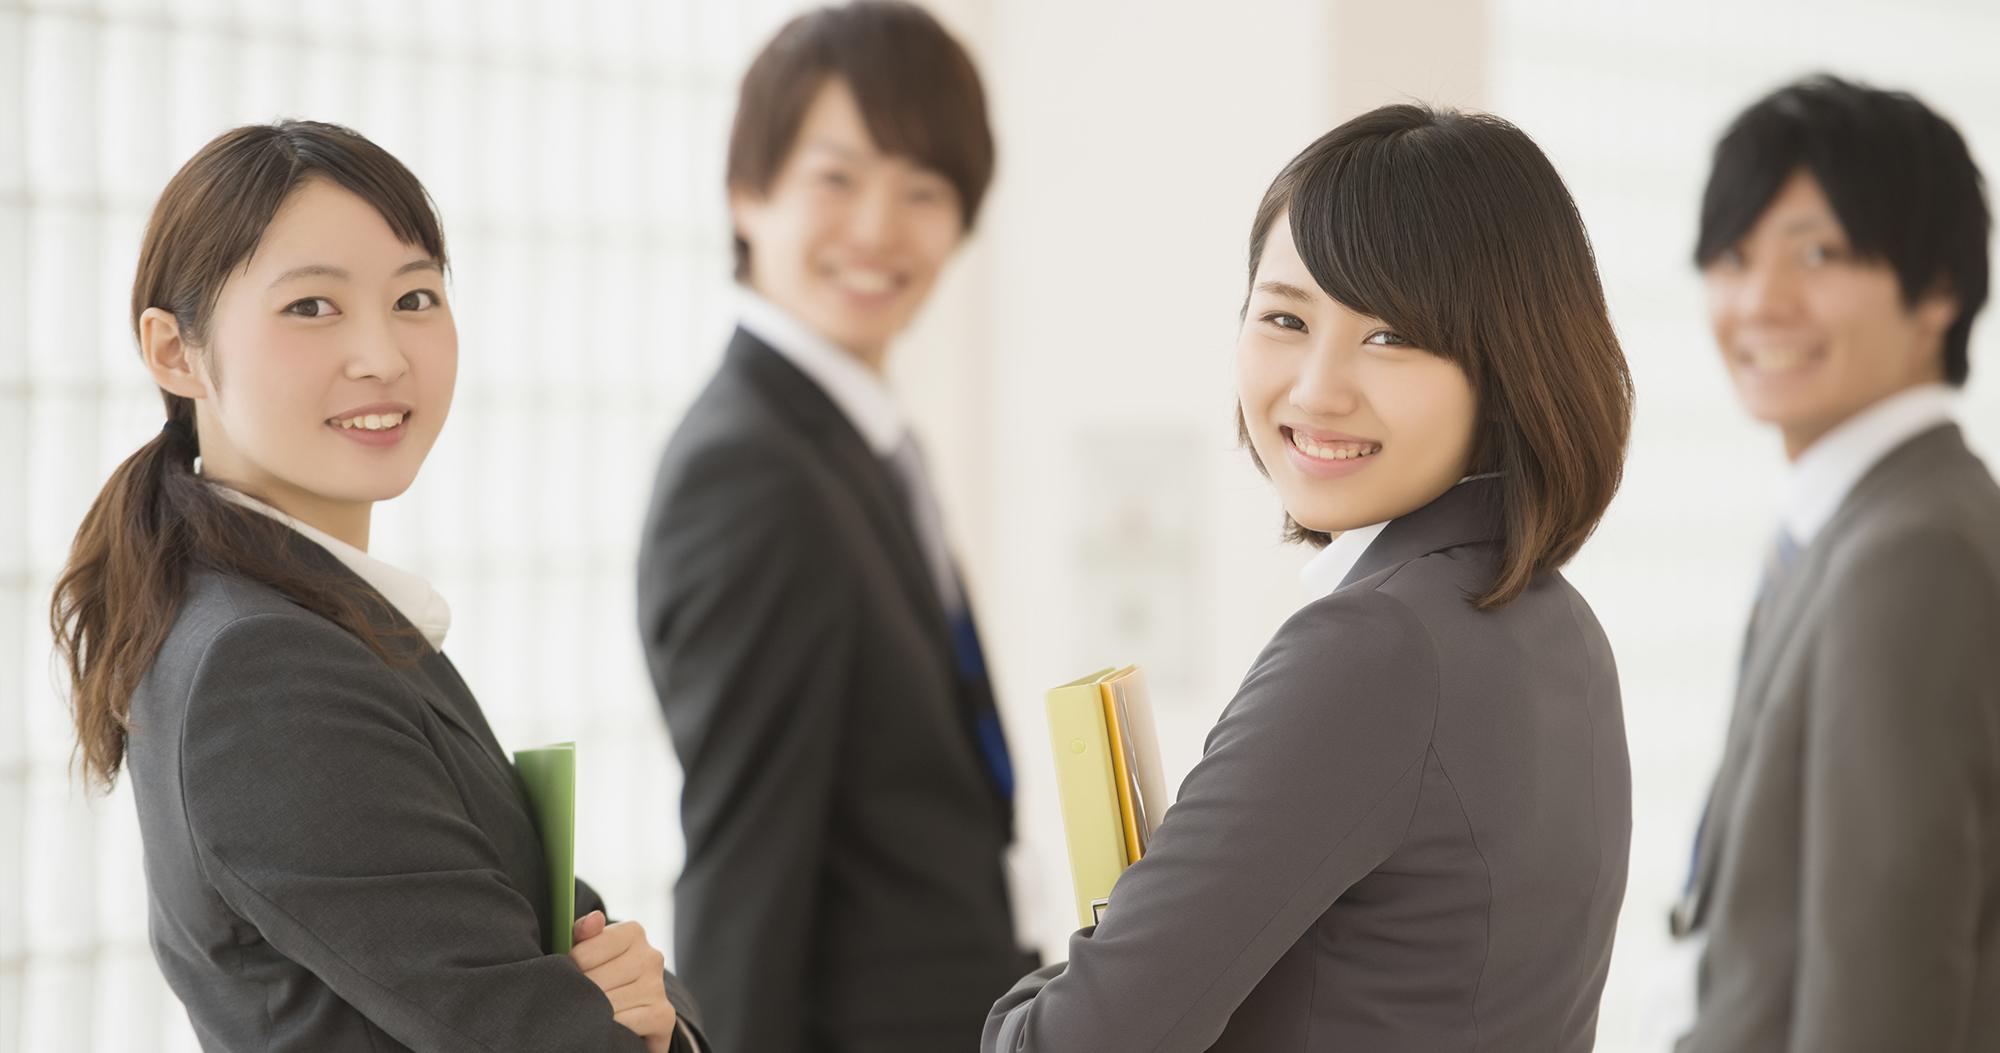 従業員満足度(ES)とは?従業員満足度の向上がもたらすメリット